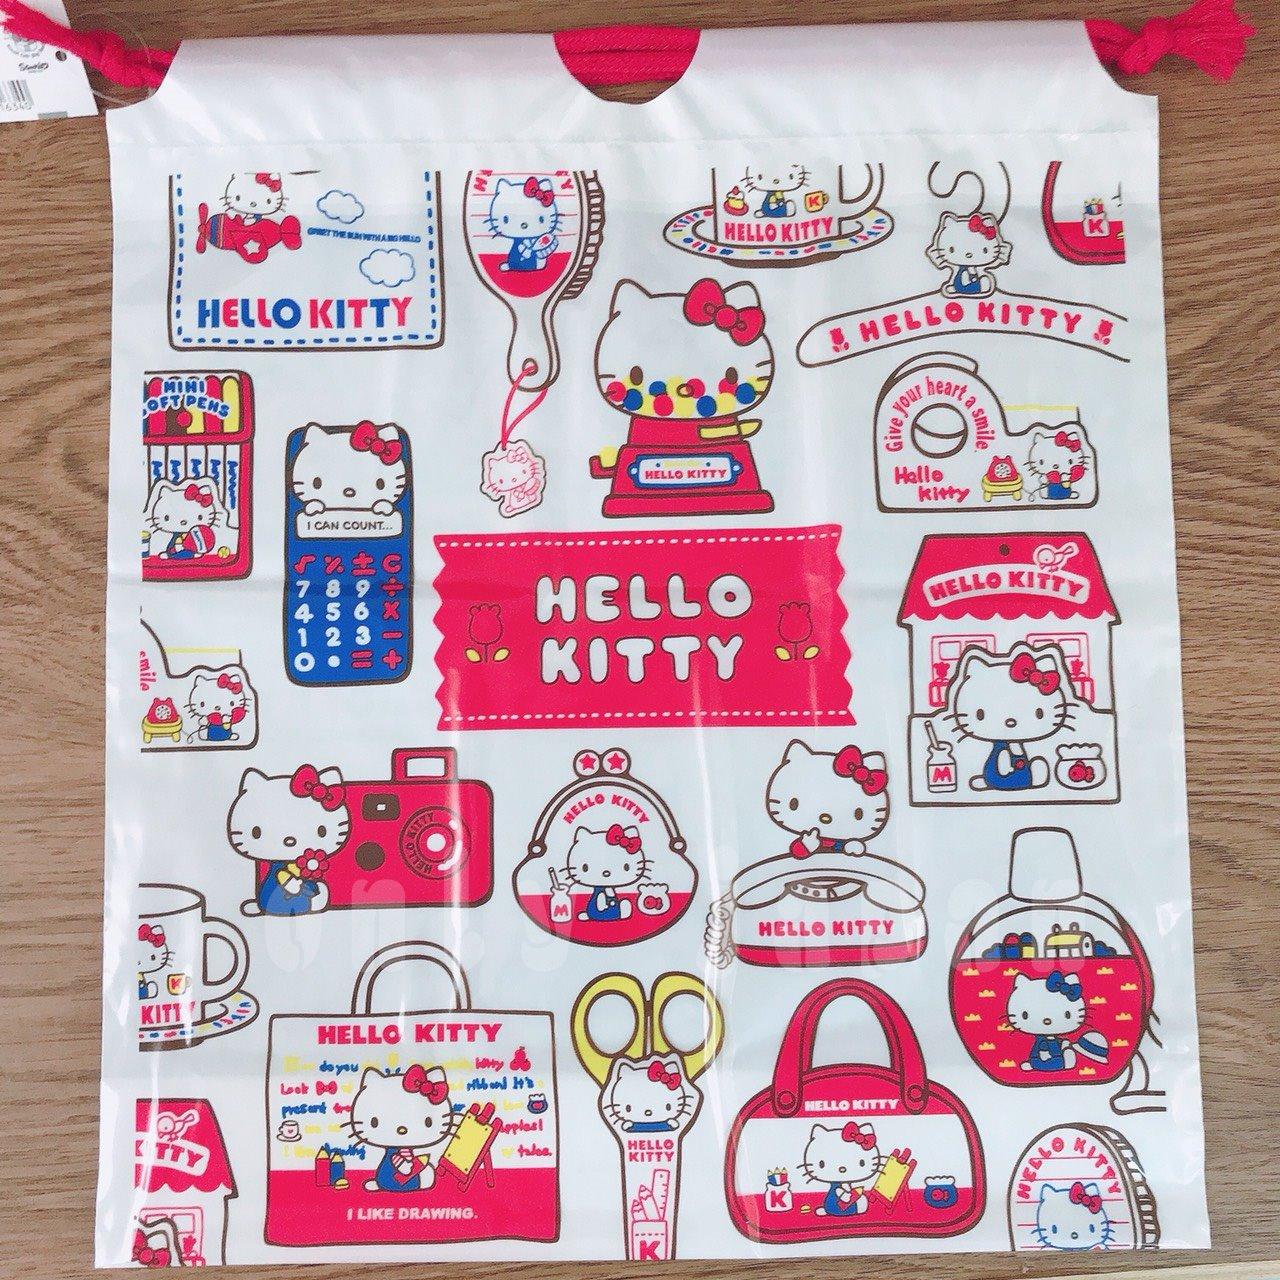 【真愛日本】18032800013 日本製防水PE後背包袋-KT懷舊 三麗鷗 kitty 凱蒂貓 束口袋 防水